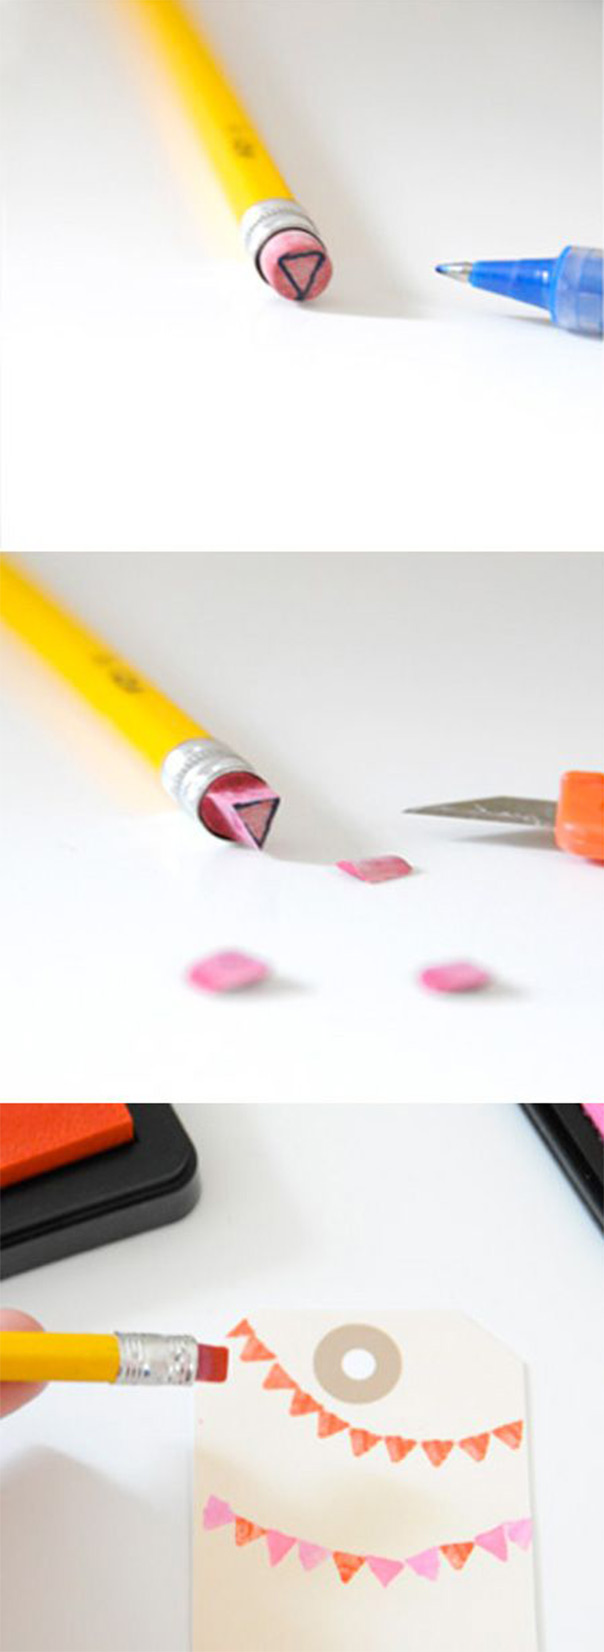 חותמות ממחקים של עפרונות